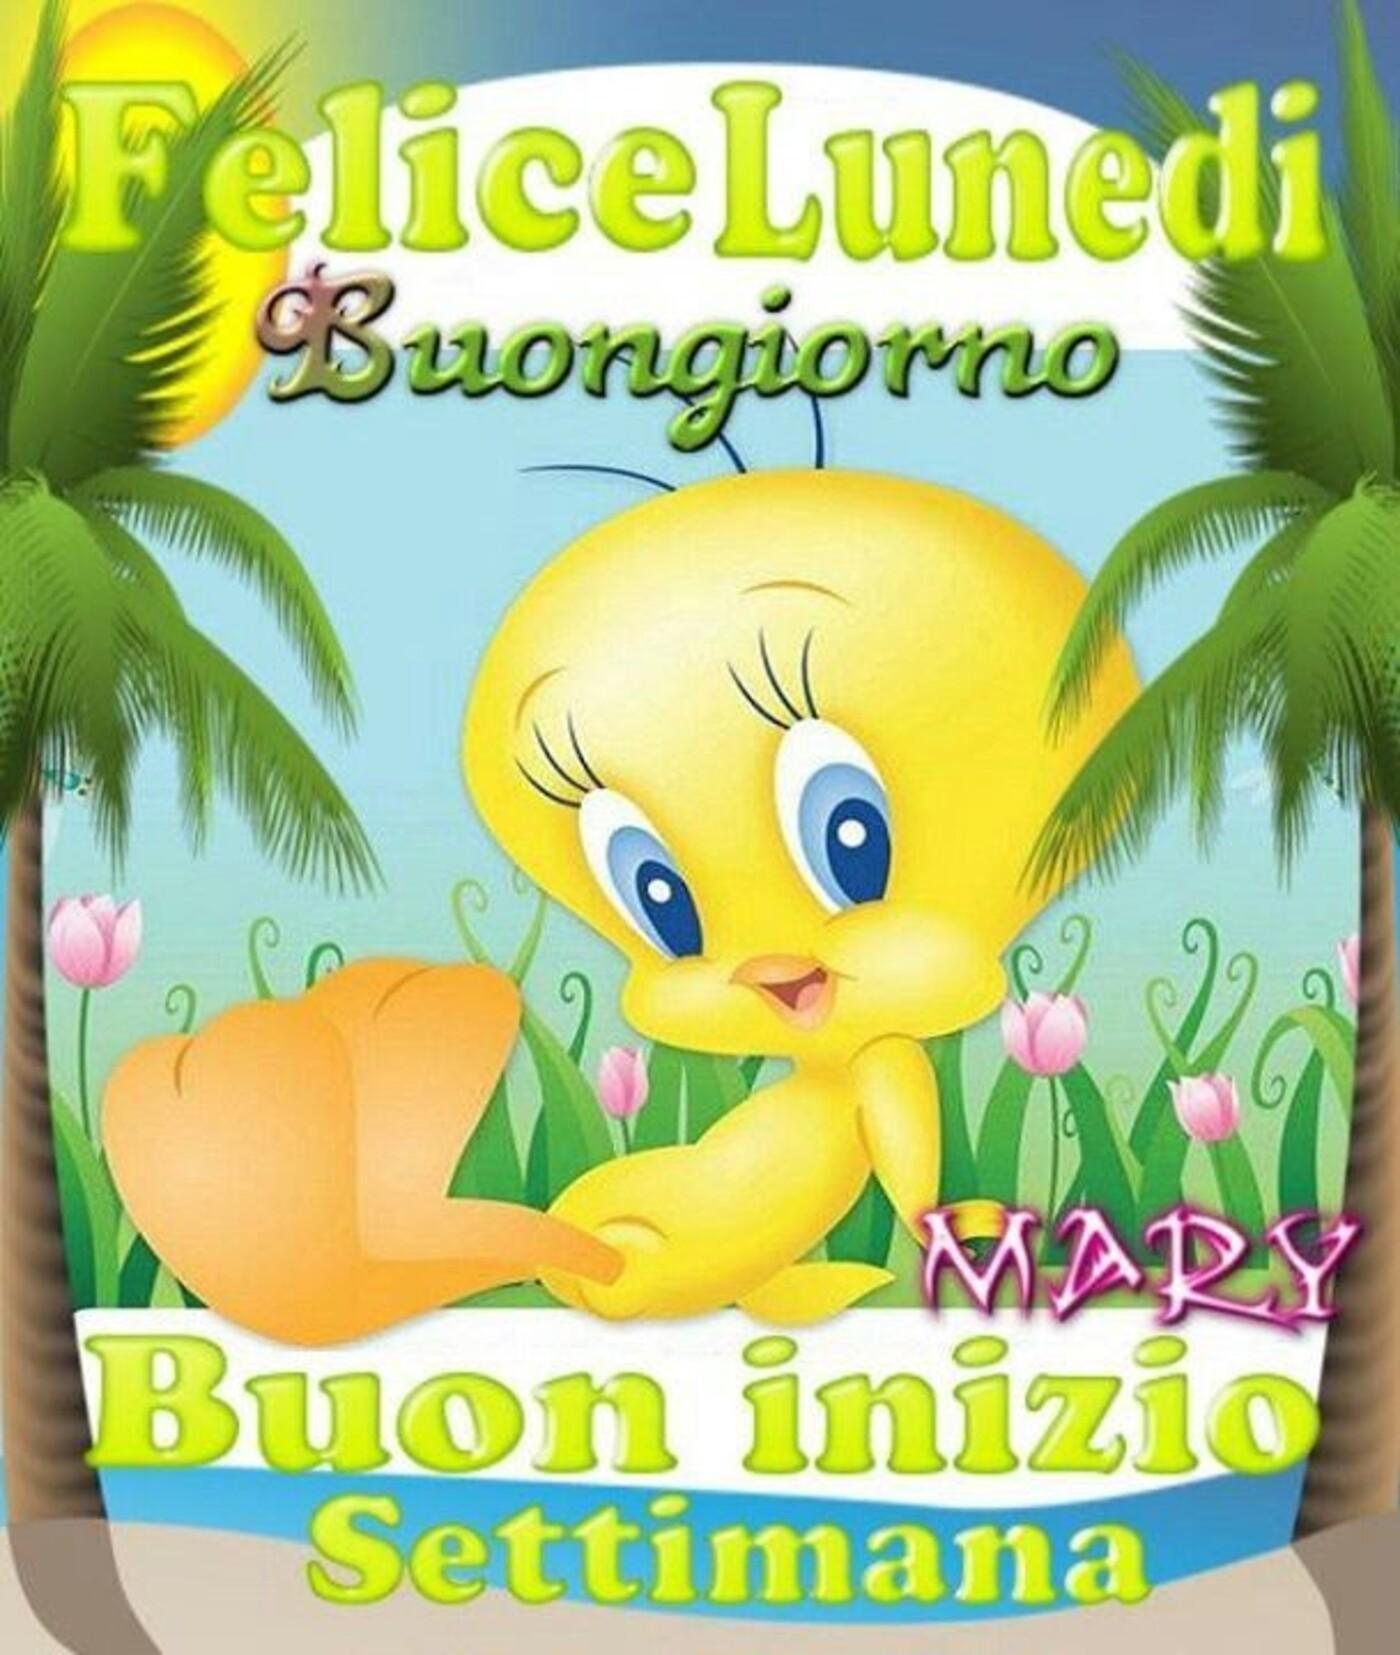 Felice Lunedì Buongiorno Buon Inizio Settimana